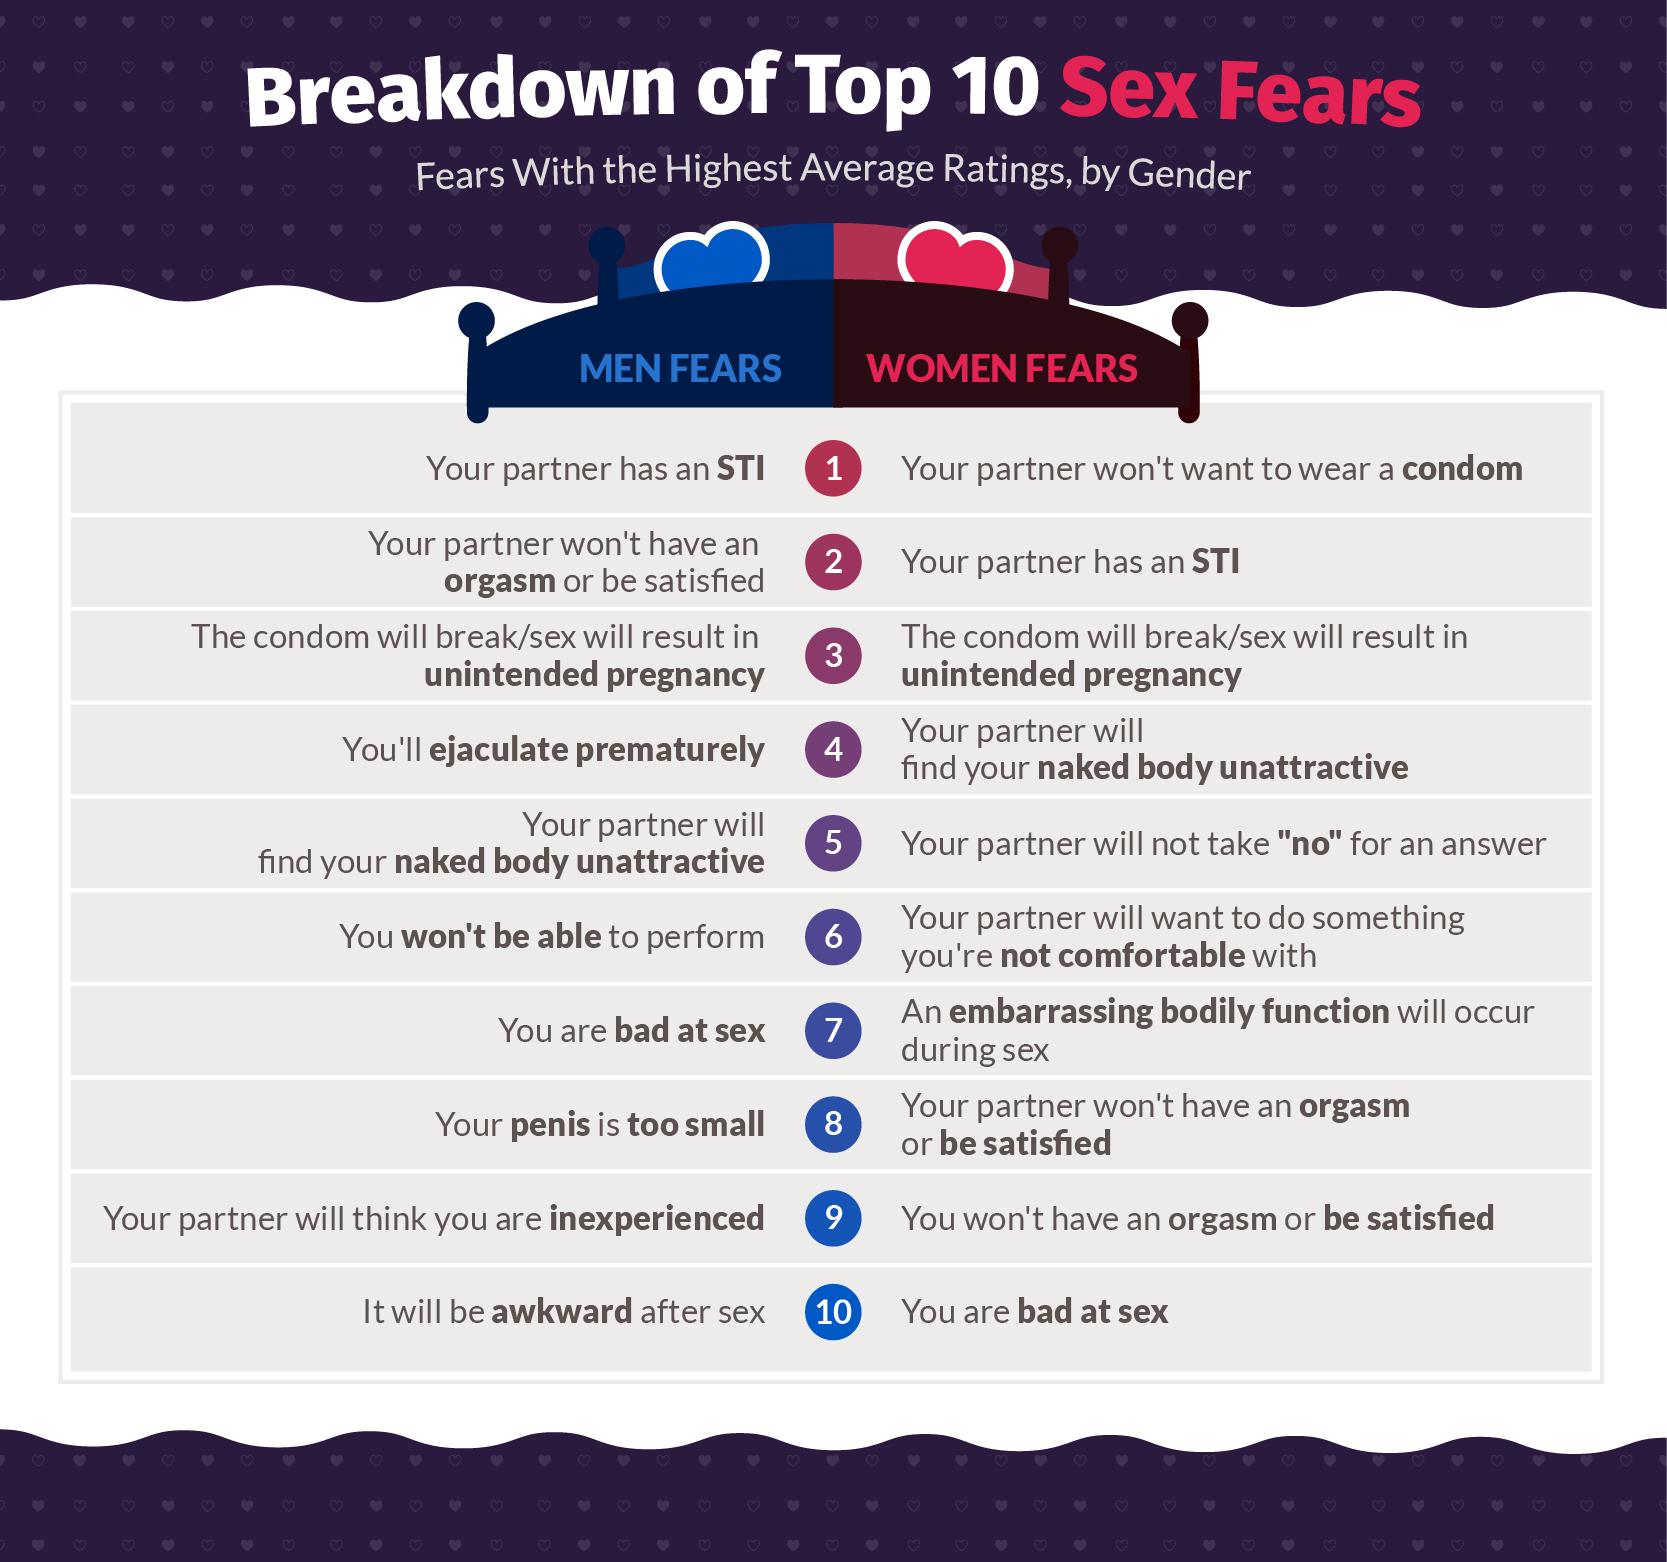 Los 10 Miedos Sexuales Masculinos mas frecuentes